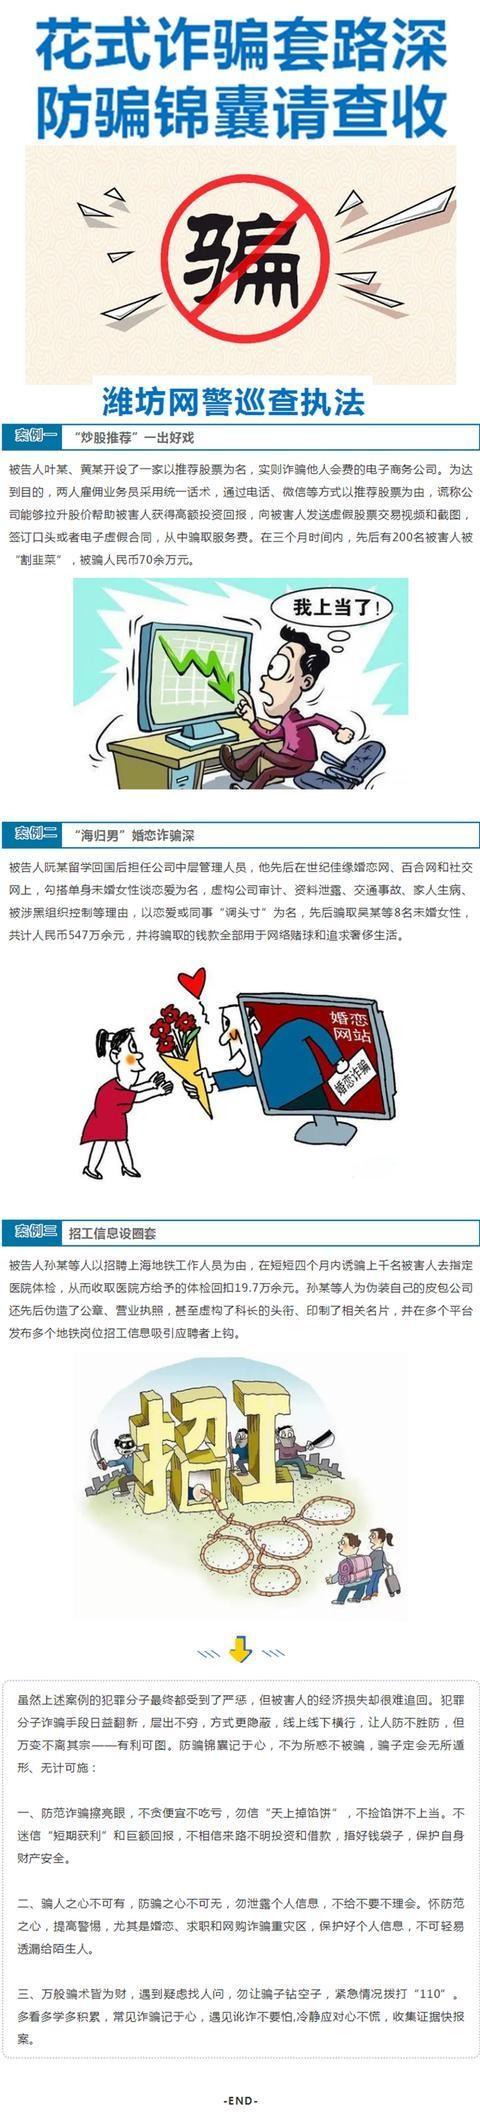 潍坊网警巡查执法:花式诈骗套路深,防骗锦囊请查收